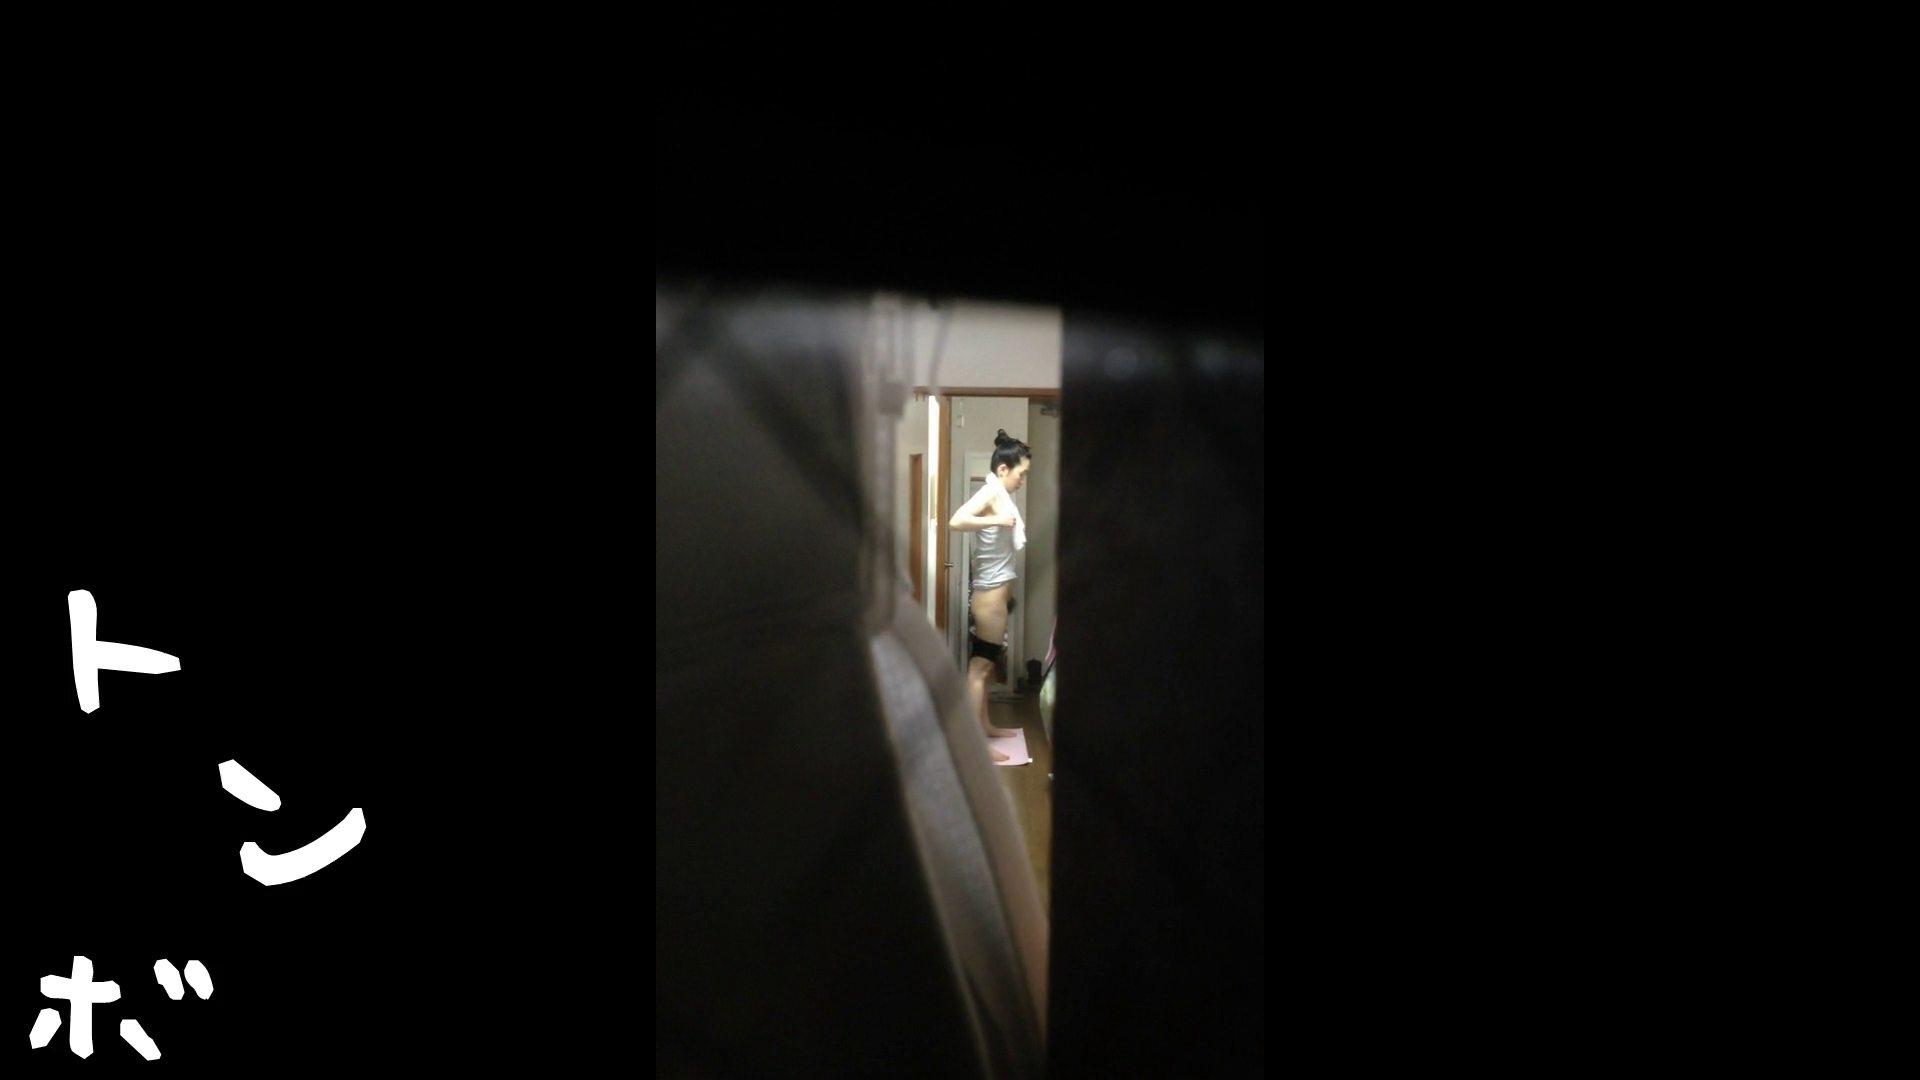 【リアル盗撮】元ジュディマリのYIUKI似 某歌手丸秘ヌード 潜入エロ調査   美女達のヌード  61連発 56